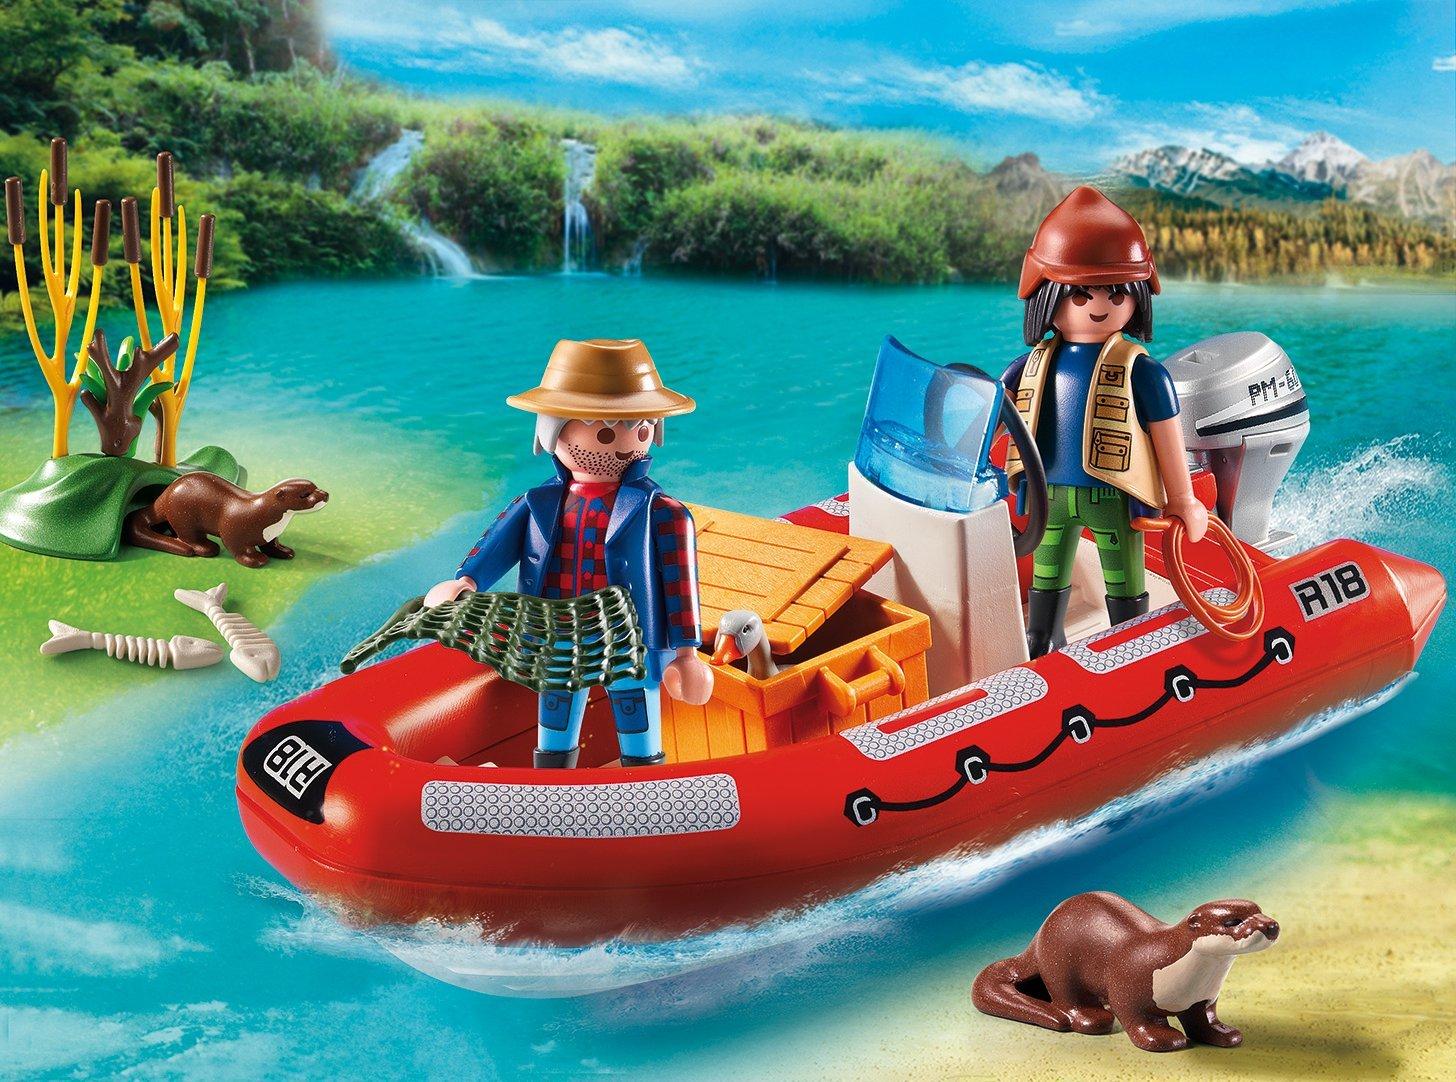 Игровой набор - В поисках приключений: Лодка с браконьерамиФерма<br>Игровой набор - В поисках приключений: Лодка с браконьерами<br>